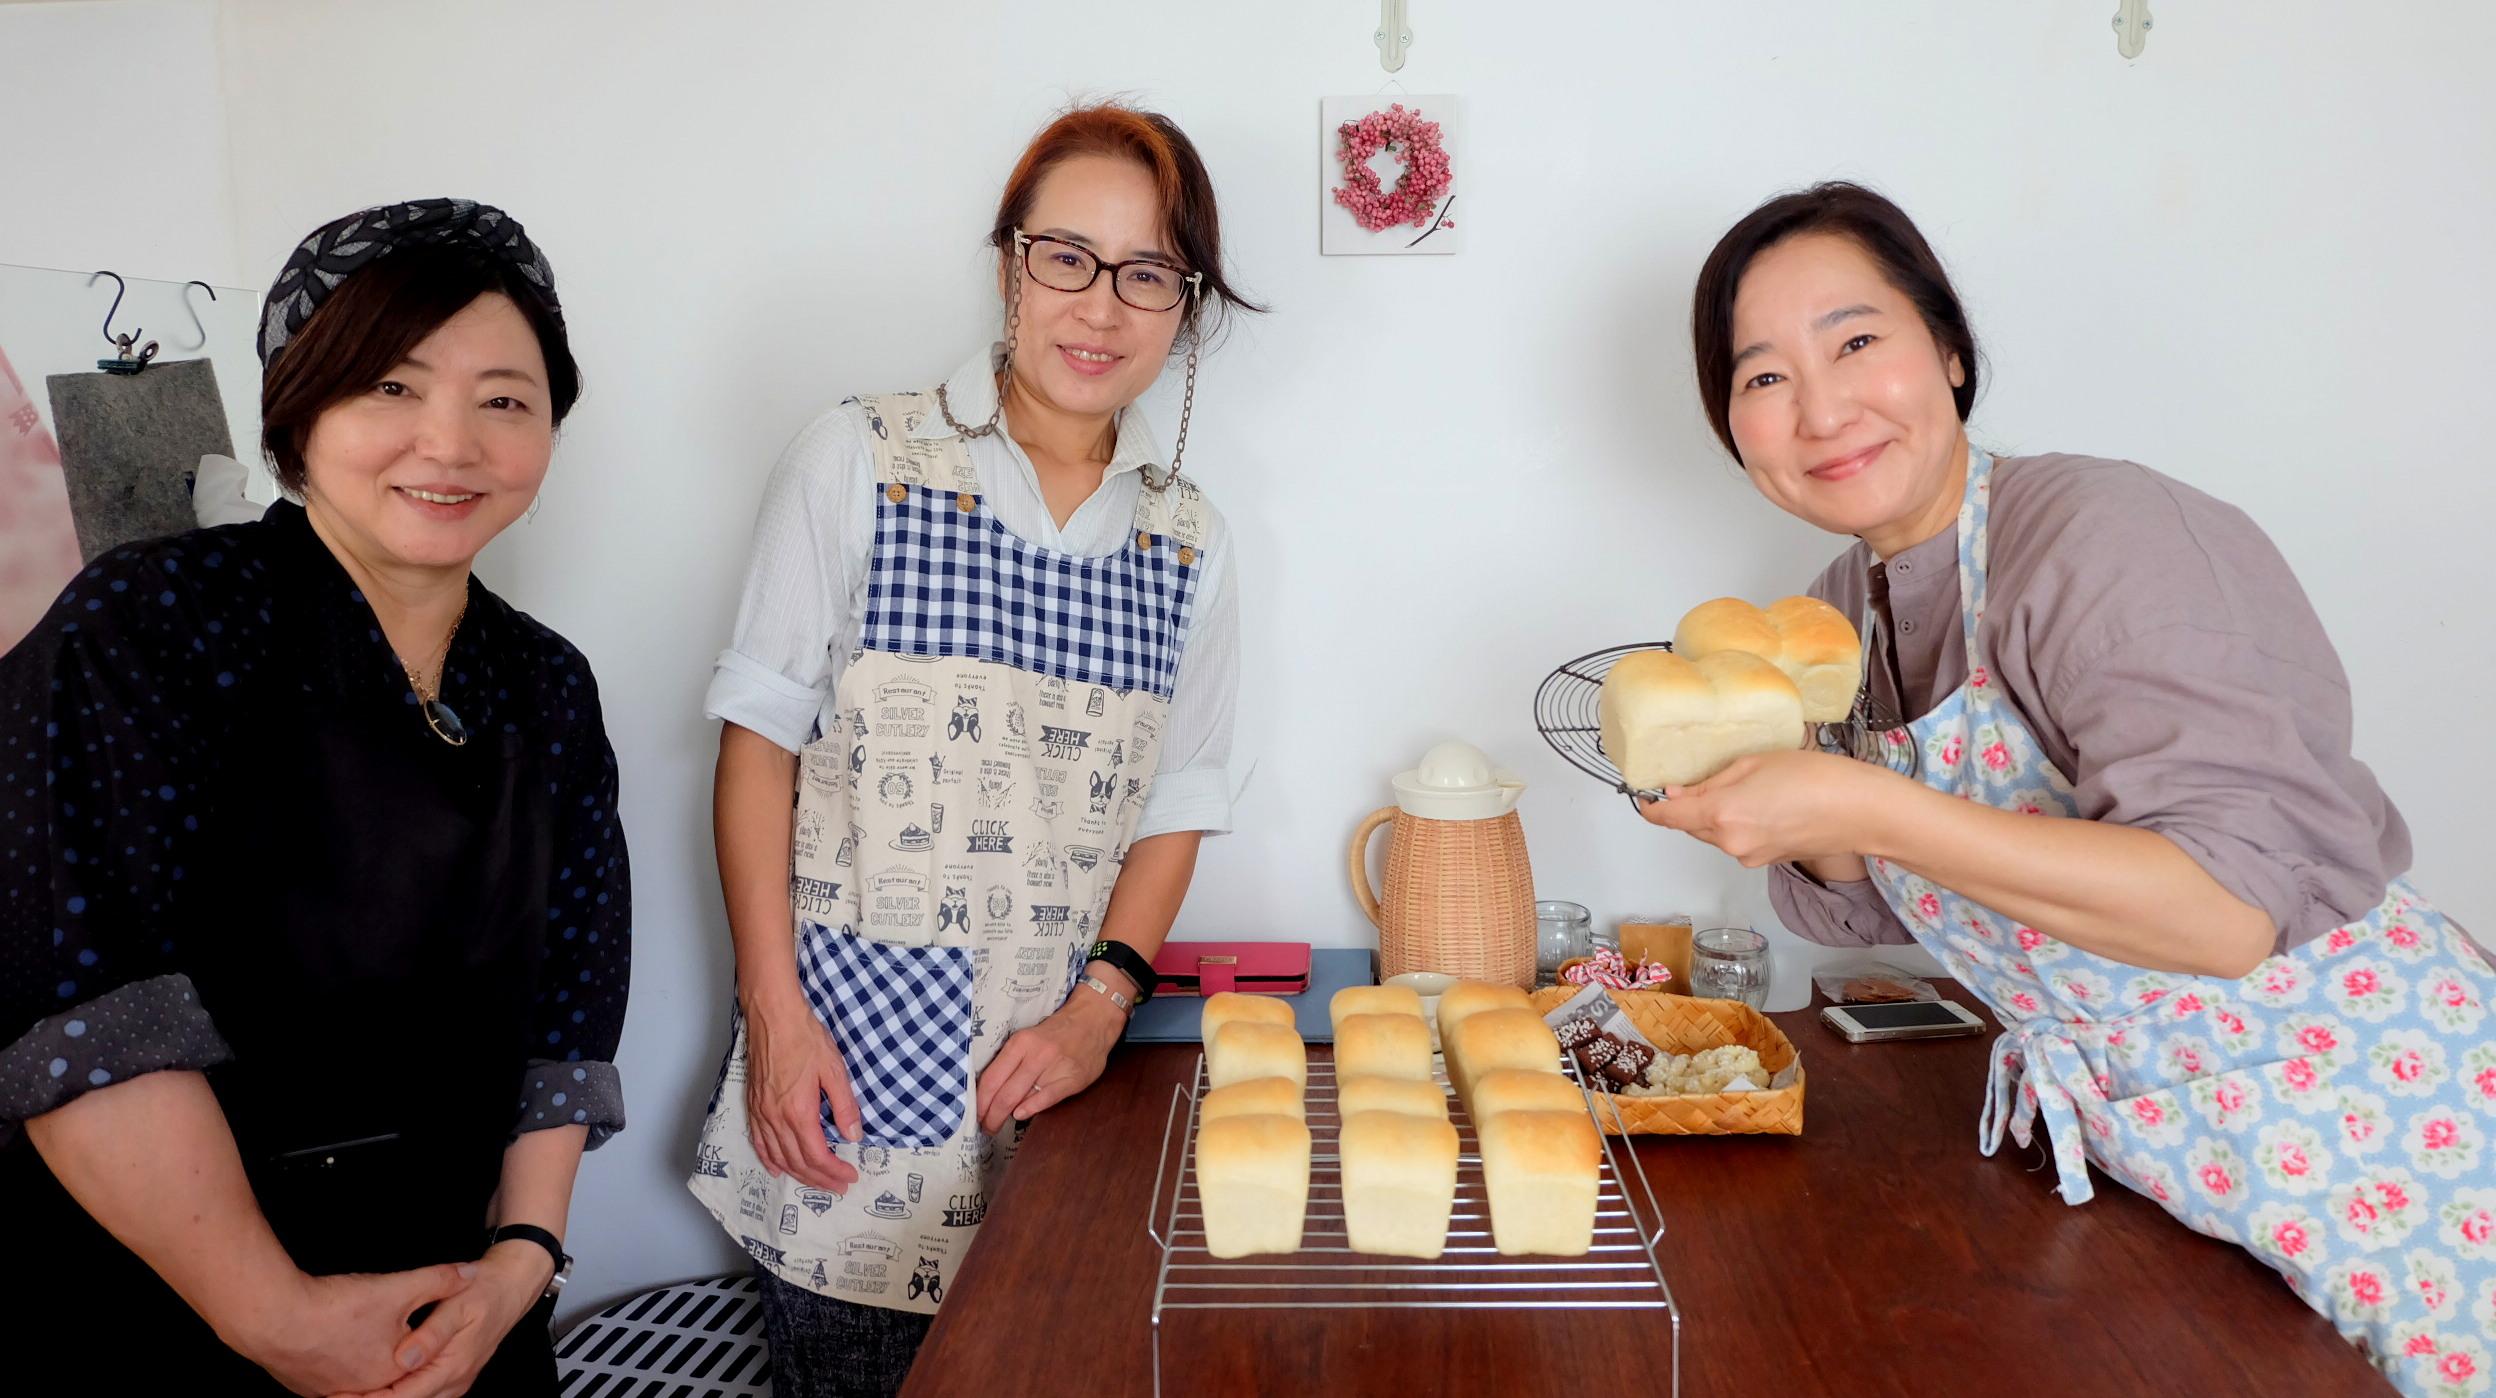 10月15日(火)は「パウンド型で山型食パンを作ろうの会」でした。